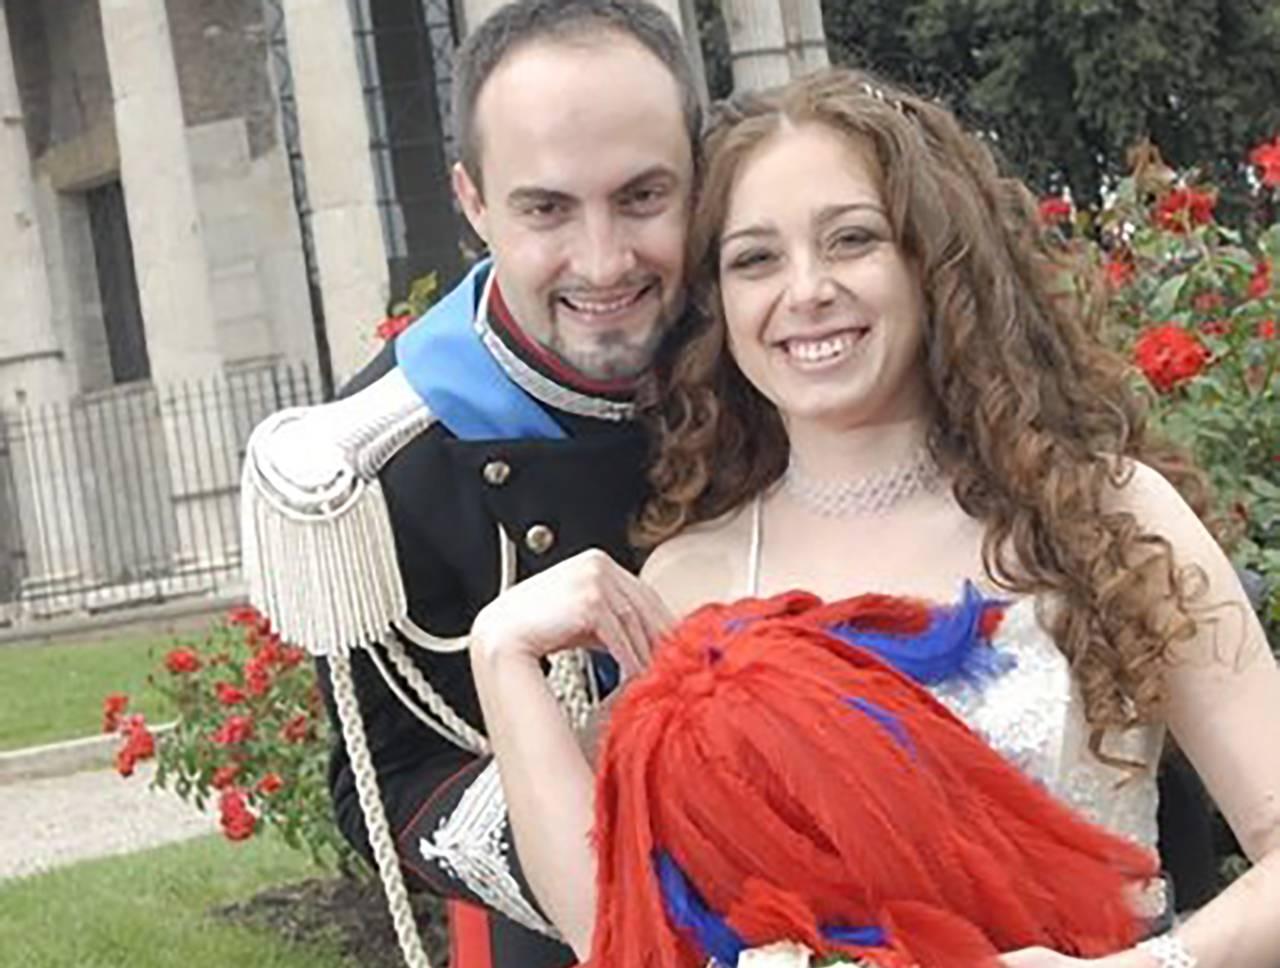 Peter e Filomena il giorno del loro matrimonio - Foto Facebook